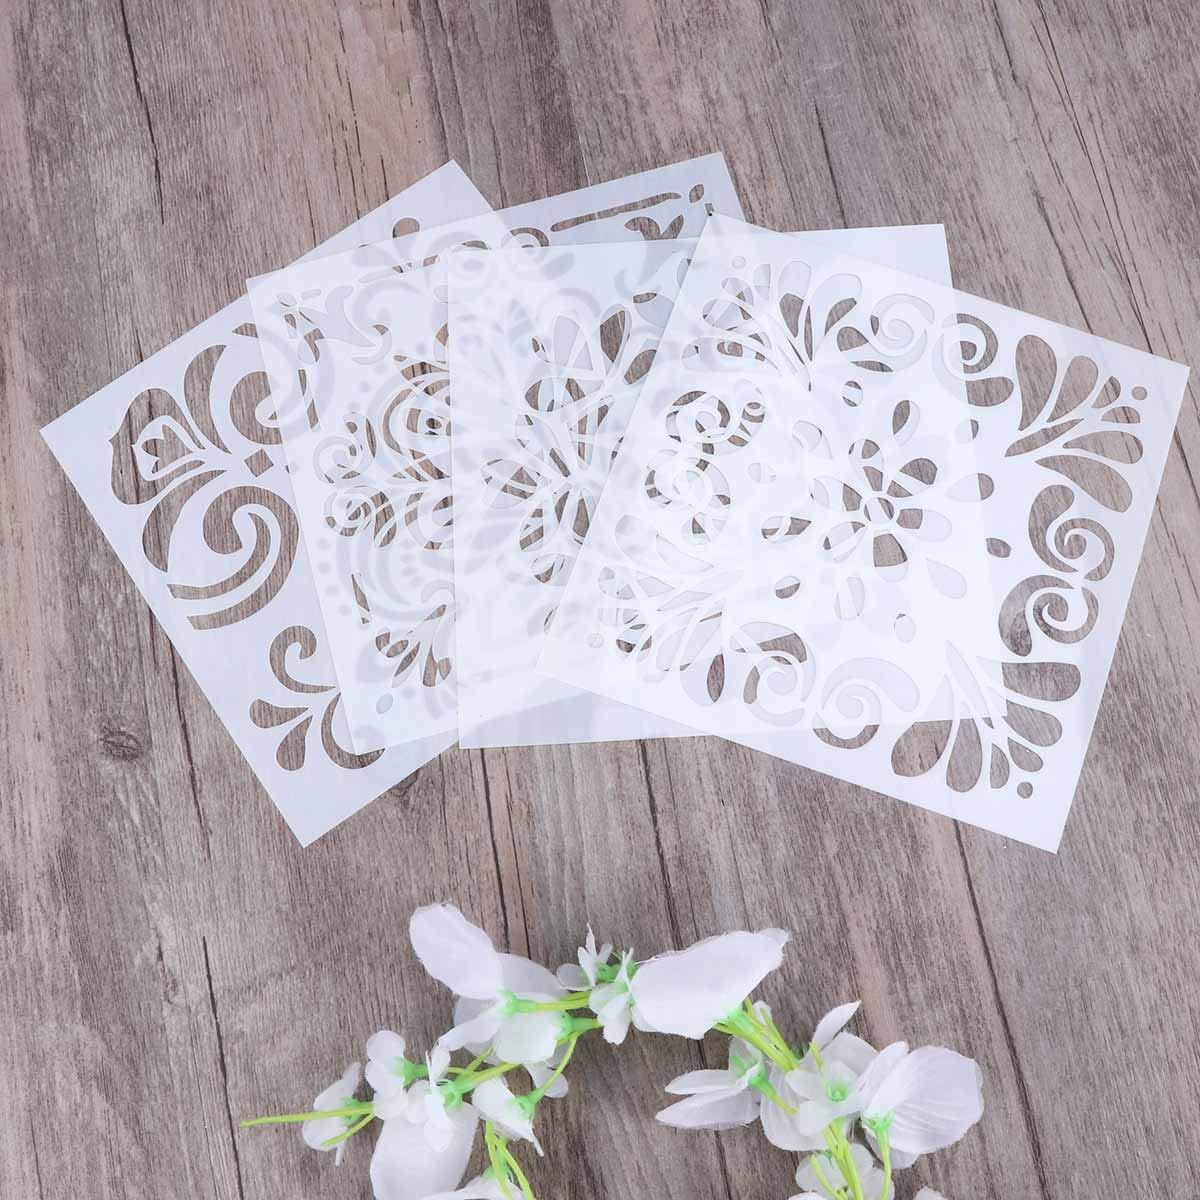 SUPVOX 4pcs Plantillas de aerosol Retro Totem Stencils Set Corte Pintura Stencil Piso de la pared Azulejo Tela Plantillas de madera Spray de la flor ...